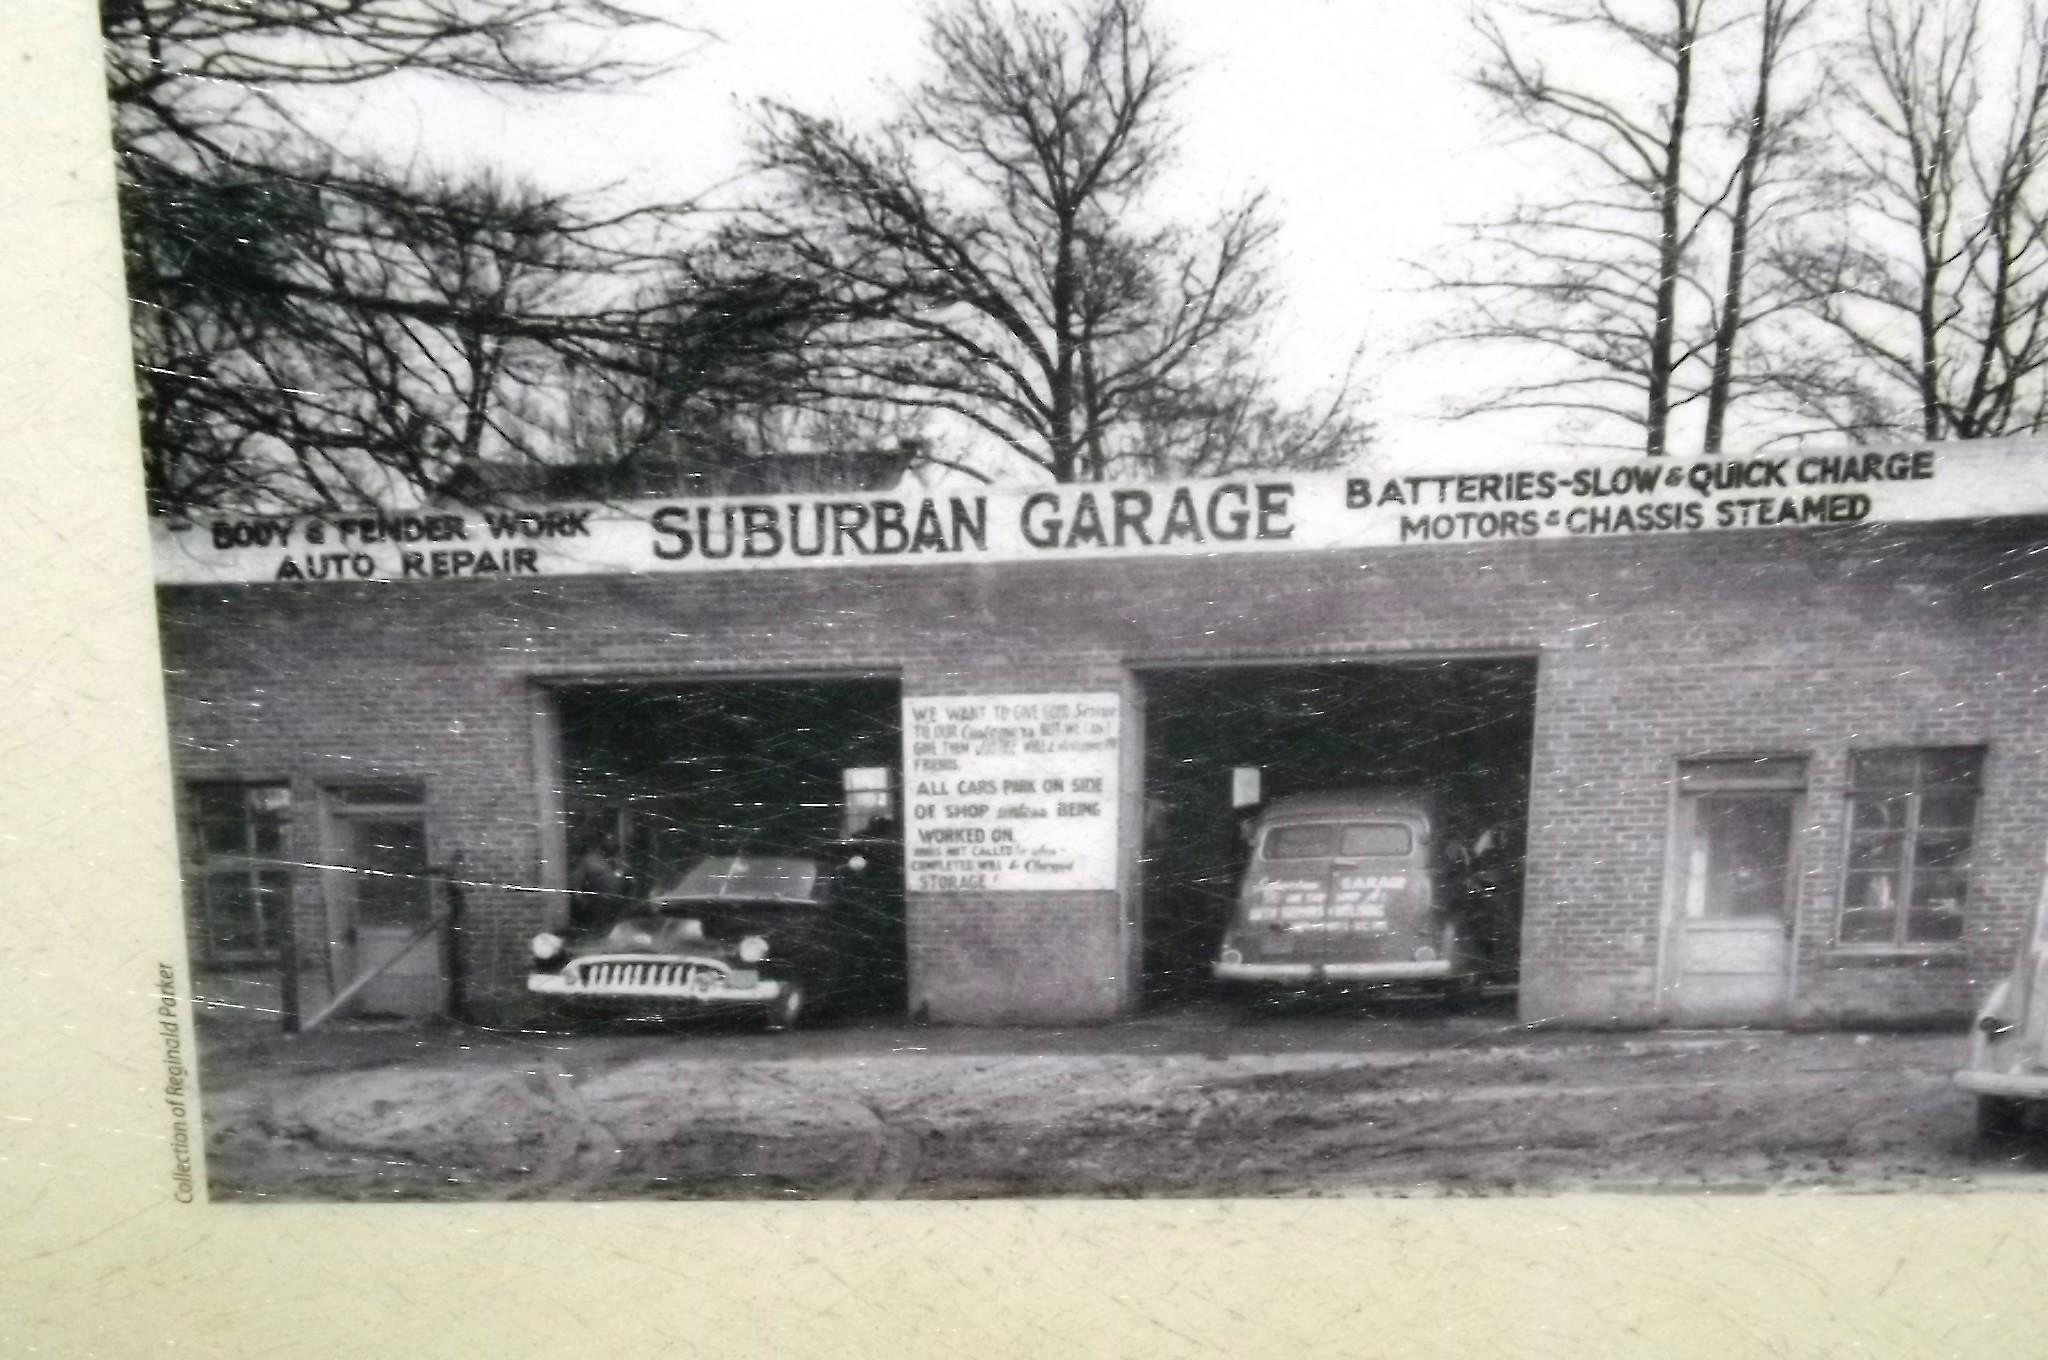 1968 Suburban Garage.png